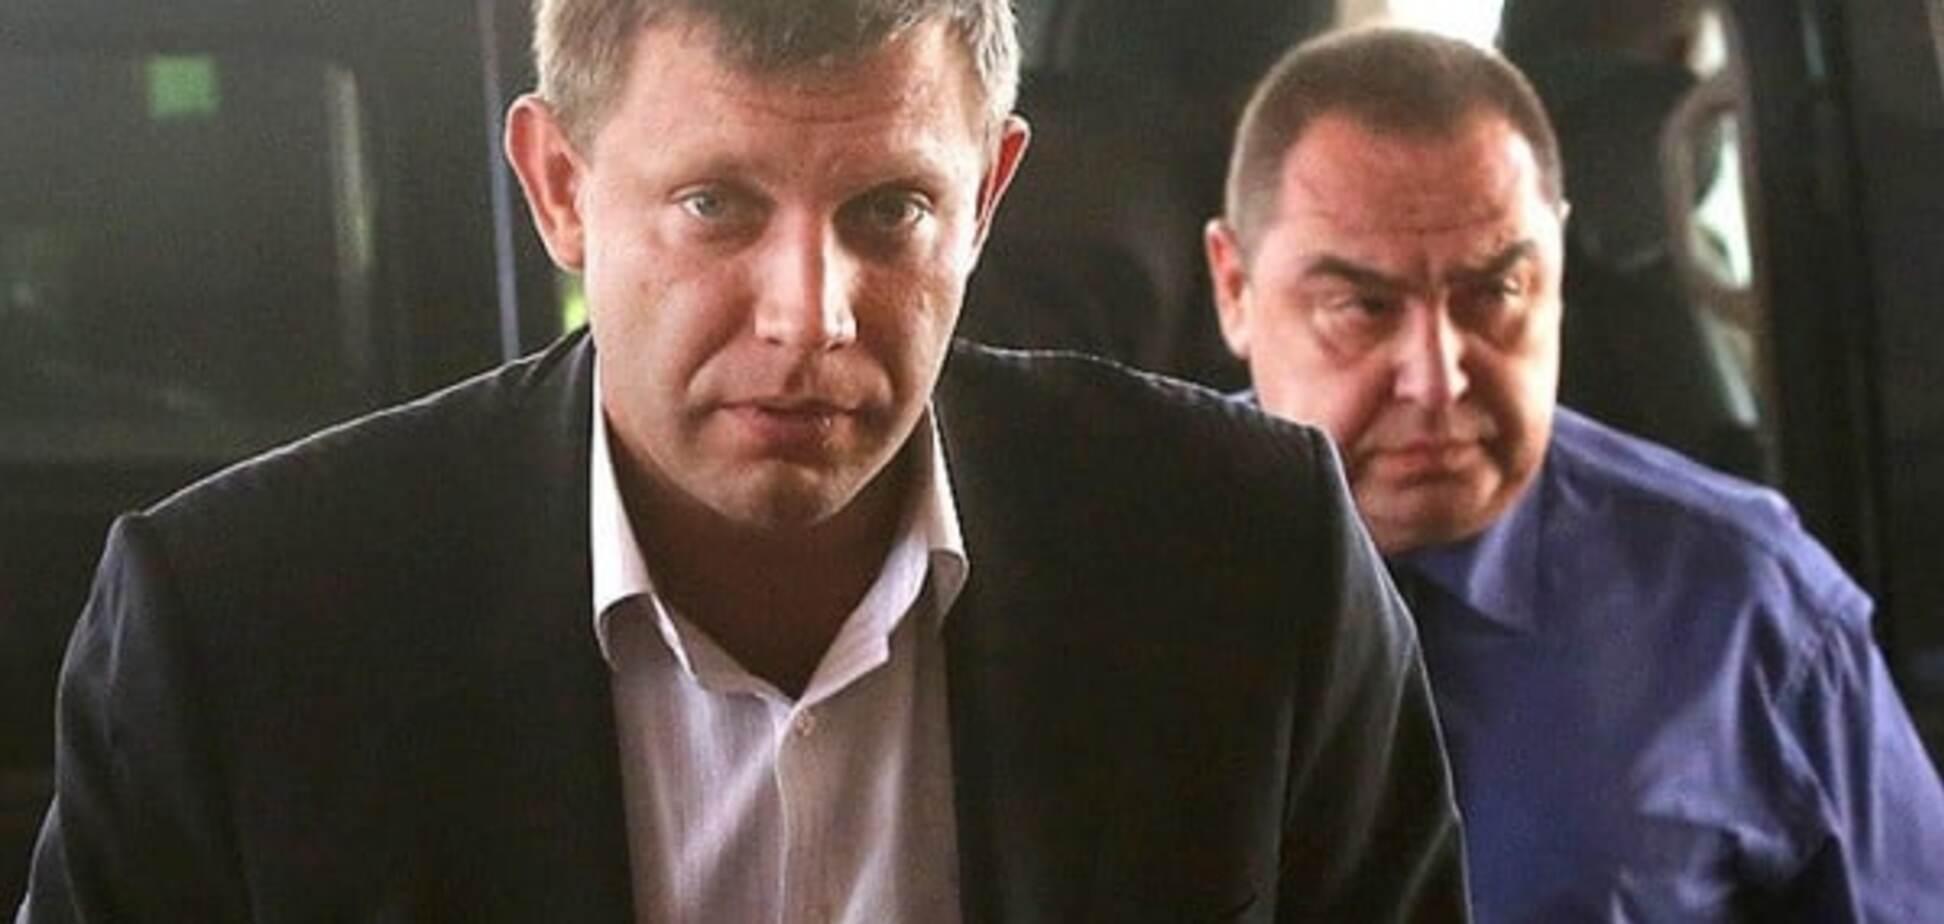 Главари 'Л/ДНР' продолжают оставаться гражданами Украины